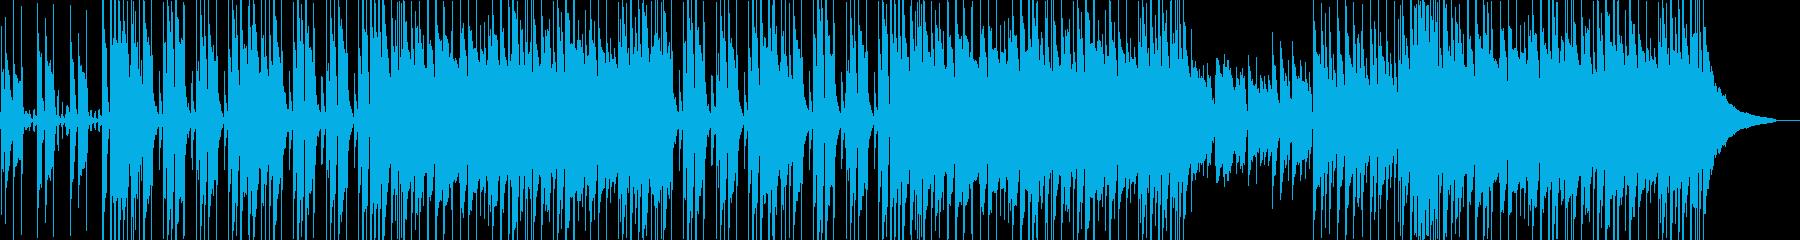 楽観的な感覚をもたらすポジティブな音楽の再生済みの波形